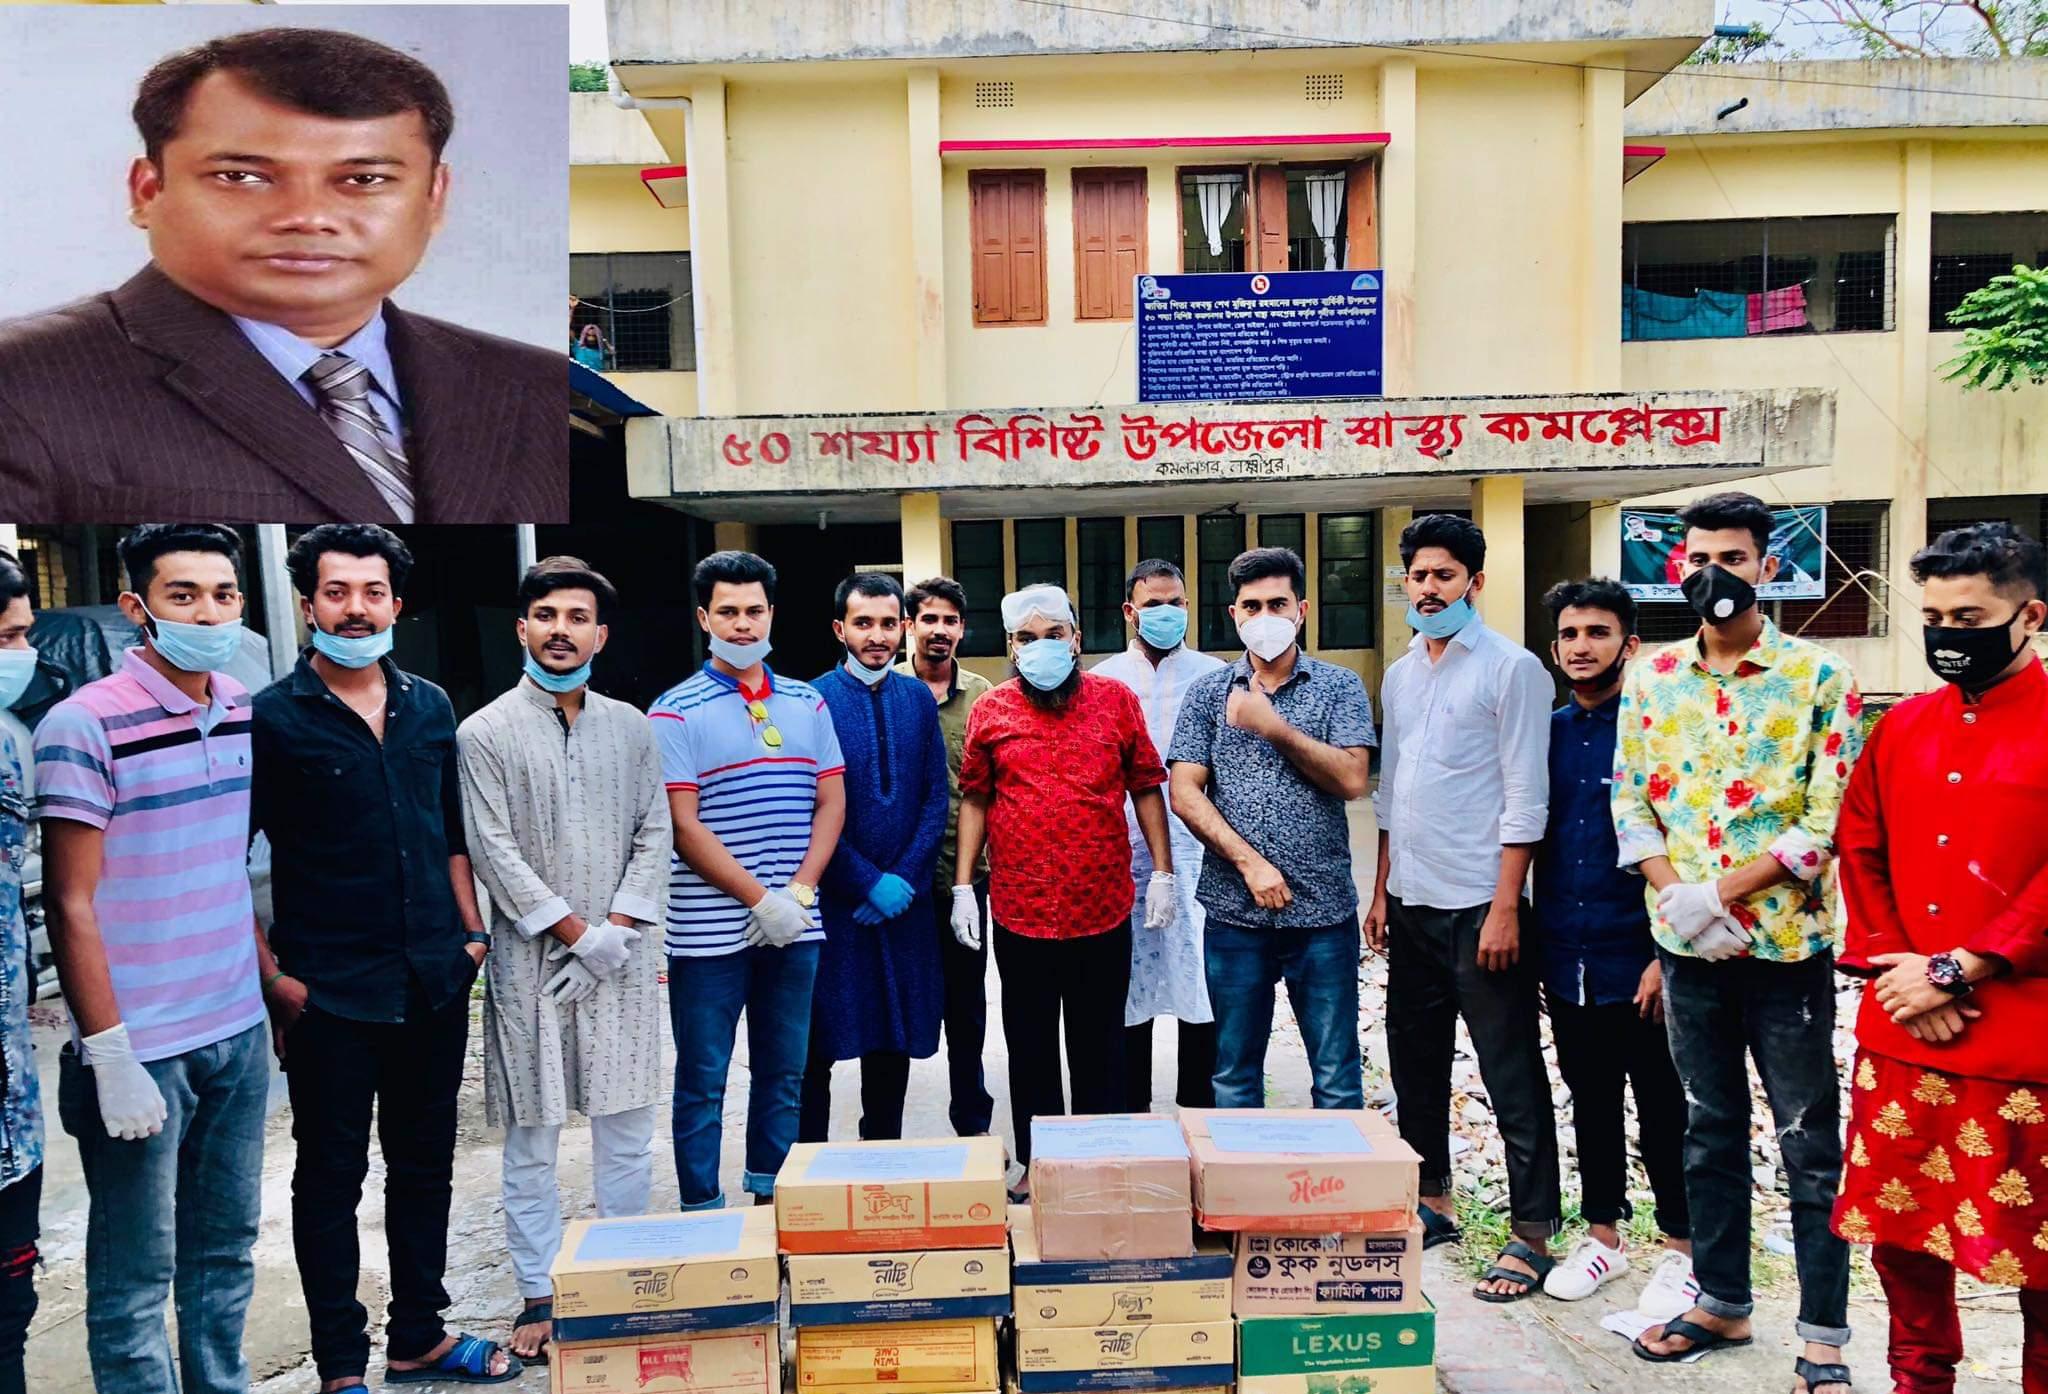 কমলনগরের ১৩জন করোনা রোগীকে শফিউল বারী বাবু'র 'ভালোবাসা উপহার'